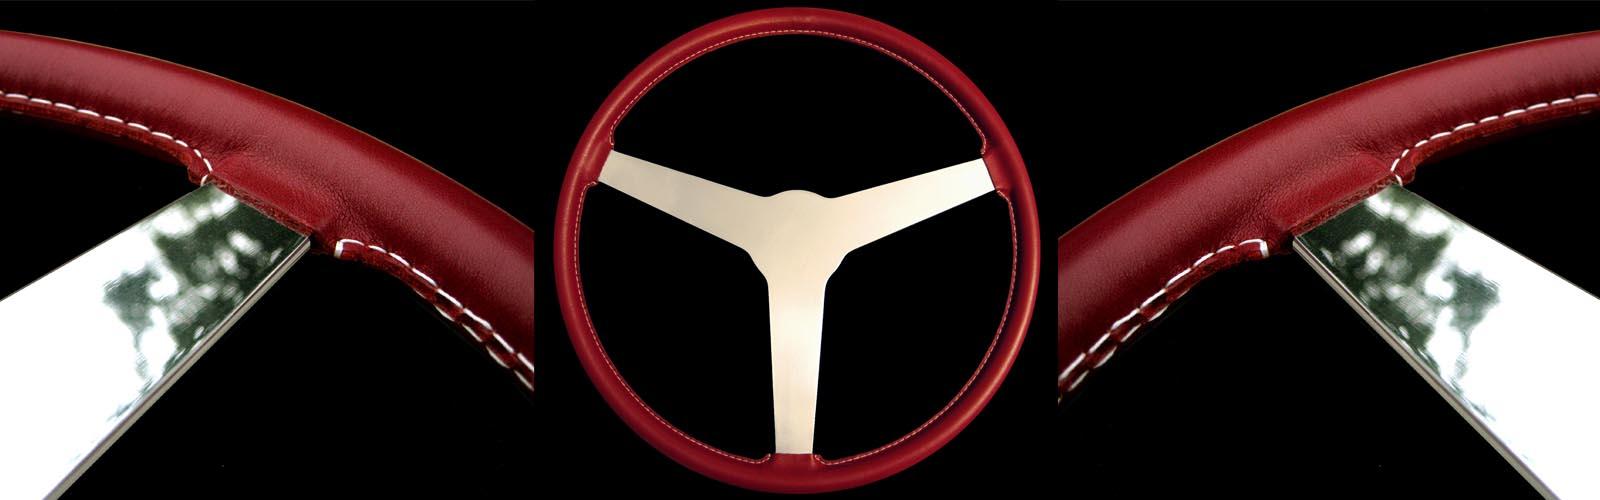 Steering Wheels to fit Lotus 6 six, VI, Lotus 7 seven VII, Lotus 11 Eleven XI Lotus Cortina Mk1, Lotus Elite, Lotus Elan, Lotus Europa Lotus Escort Twin Cam